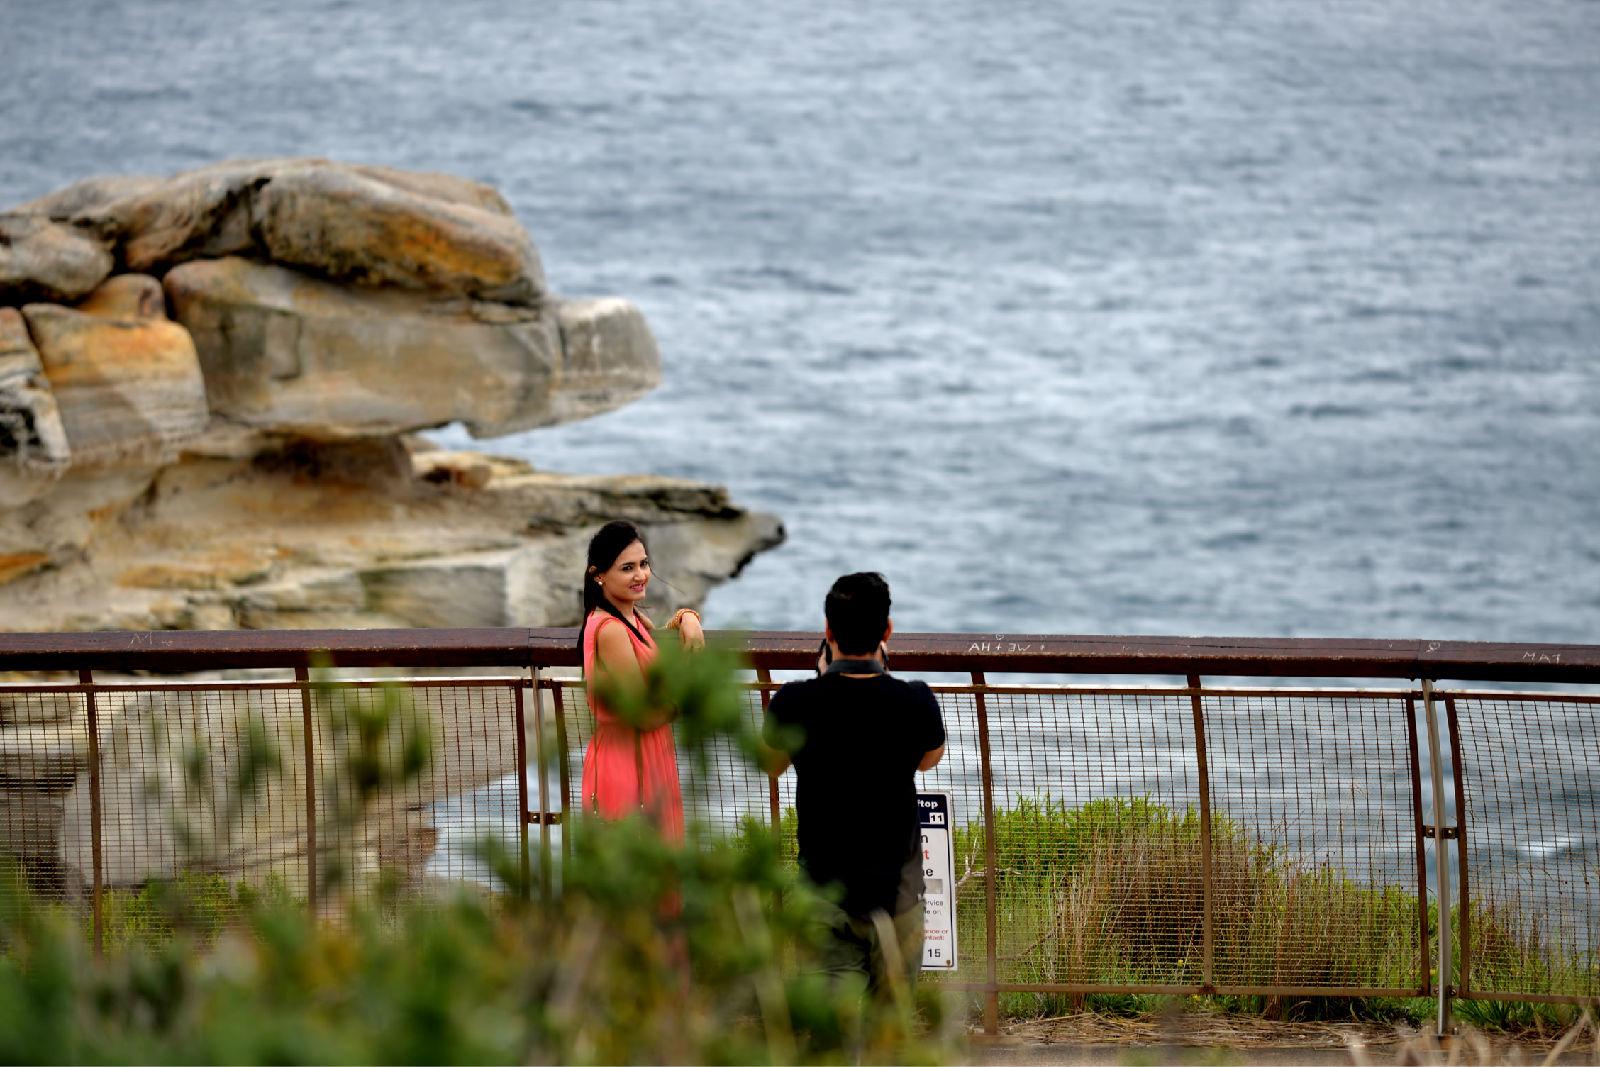 澳大利亚旅游攻略图片371